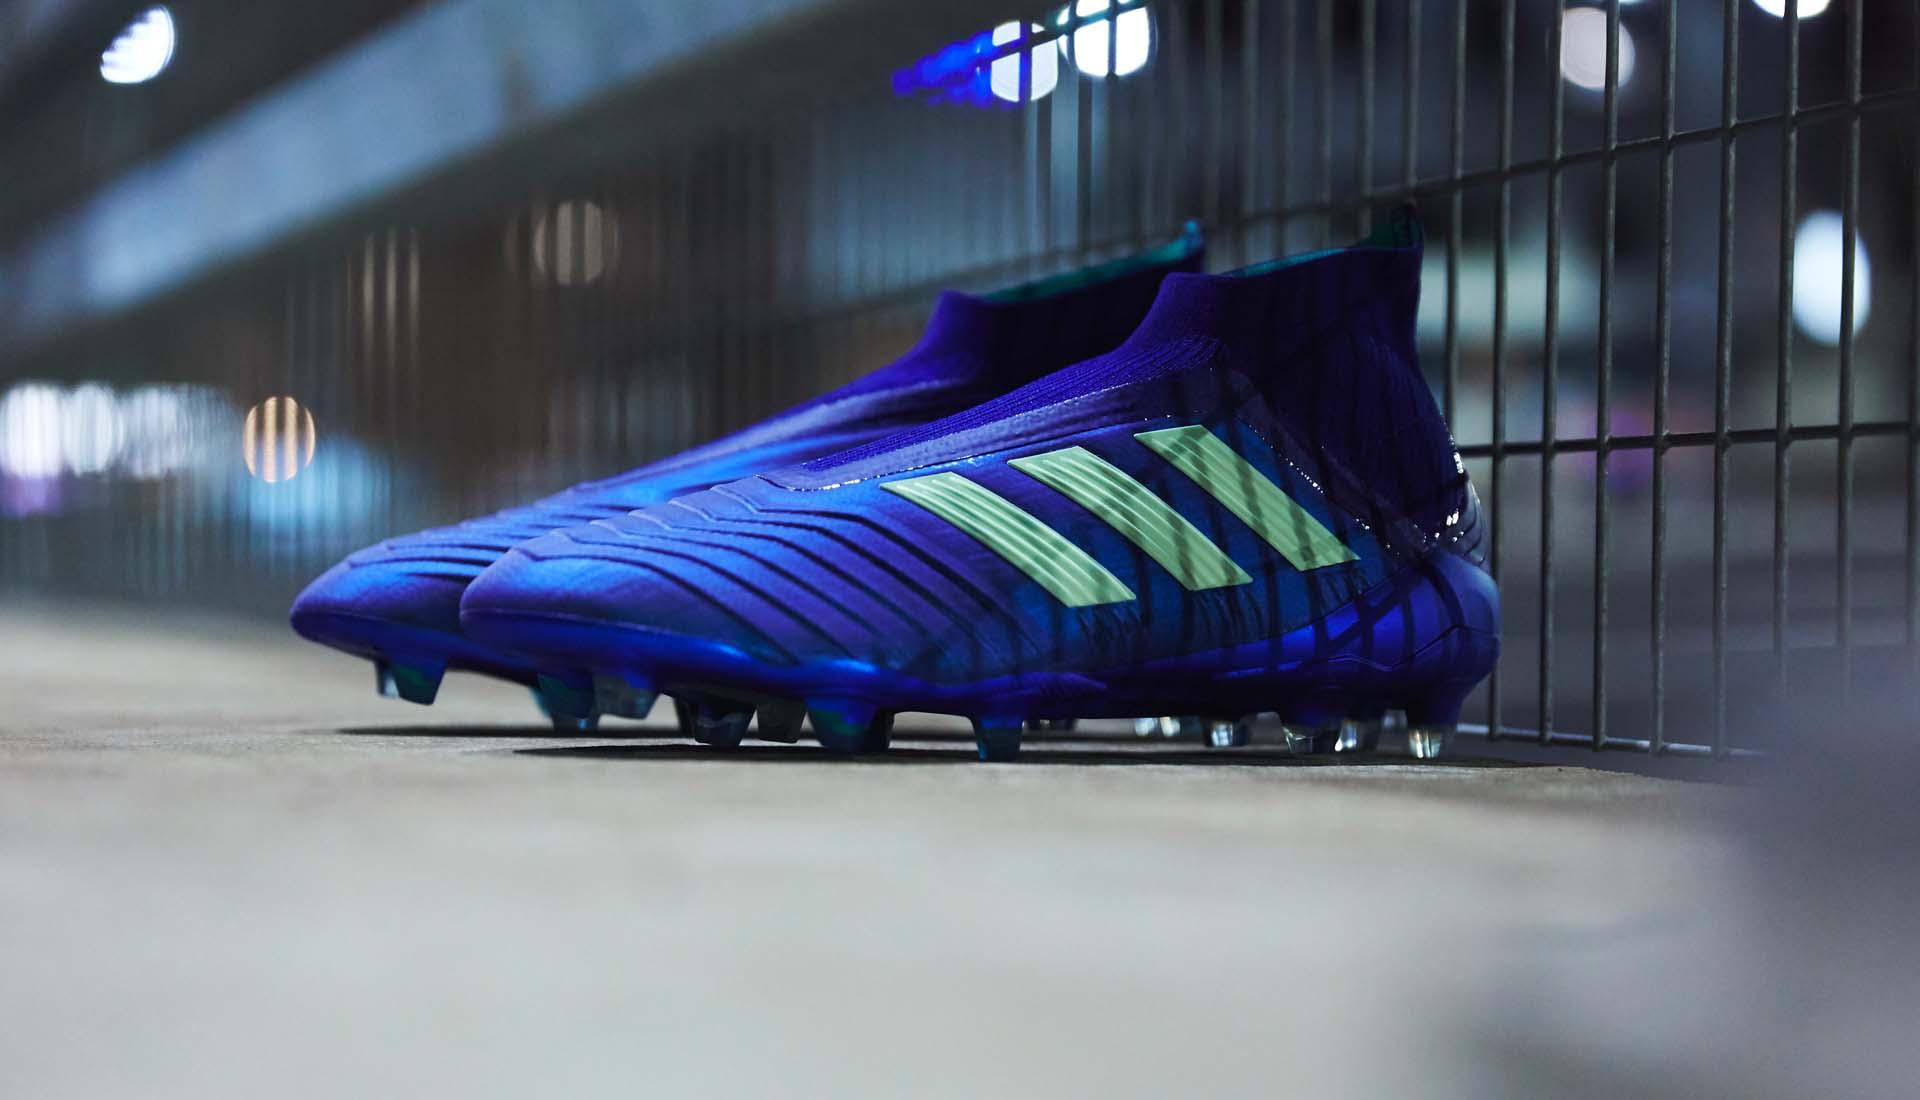 Adidas deadly strike pack predator 18+